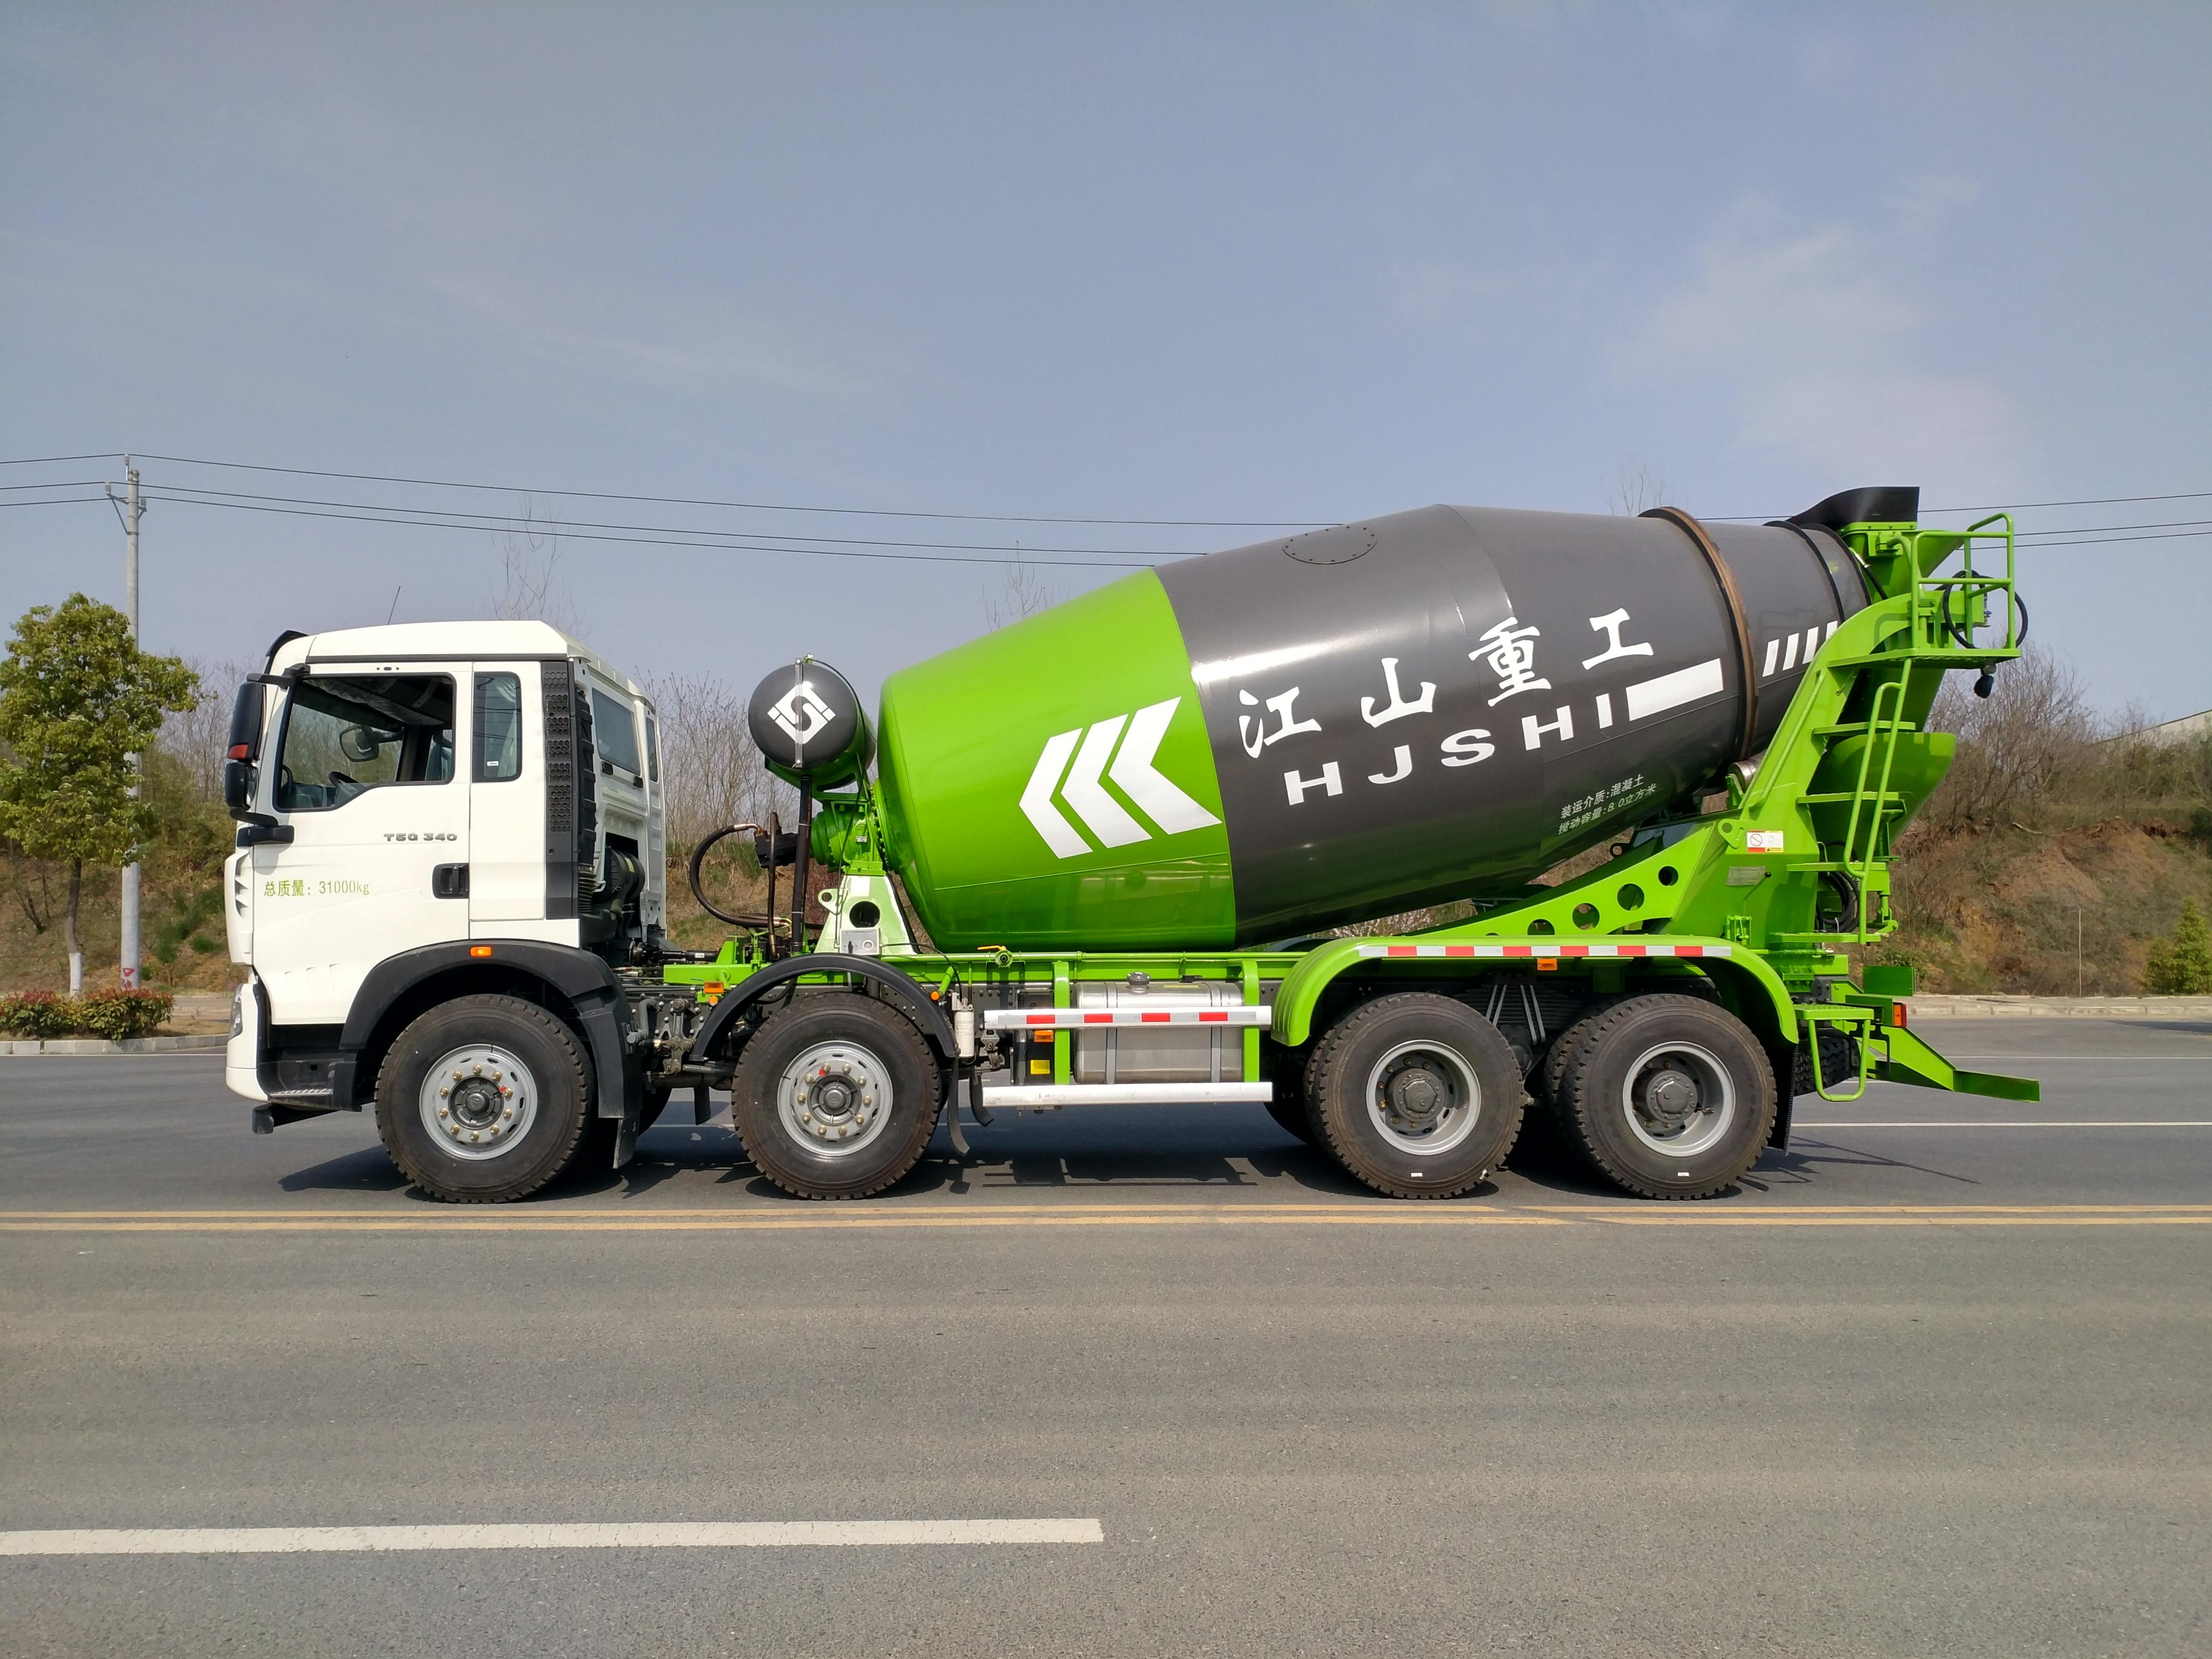 12方轻量化水泥搅拌车价格多少钱-江山重工混凝土运输车